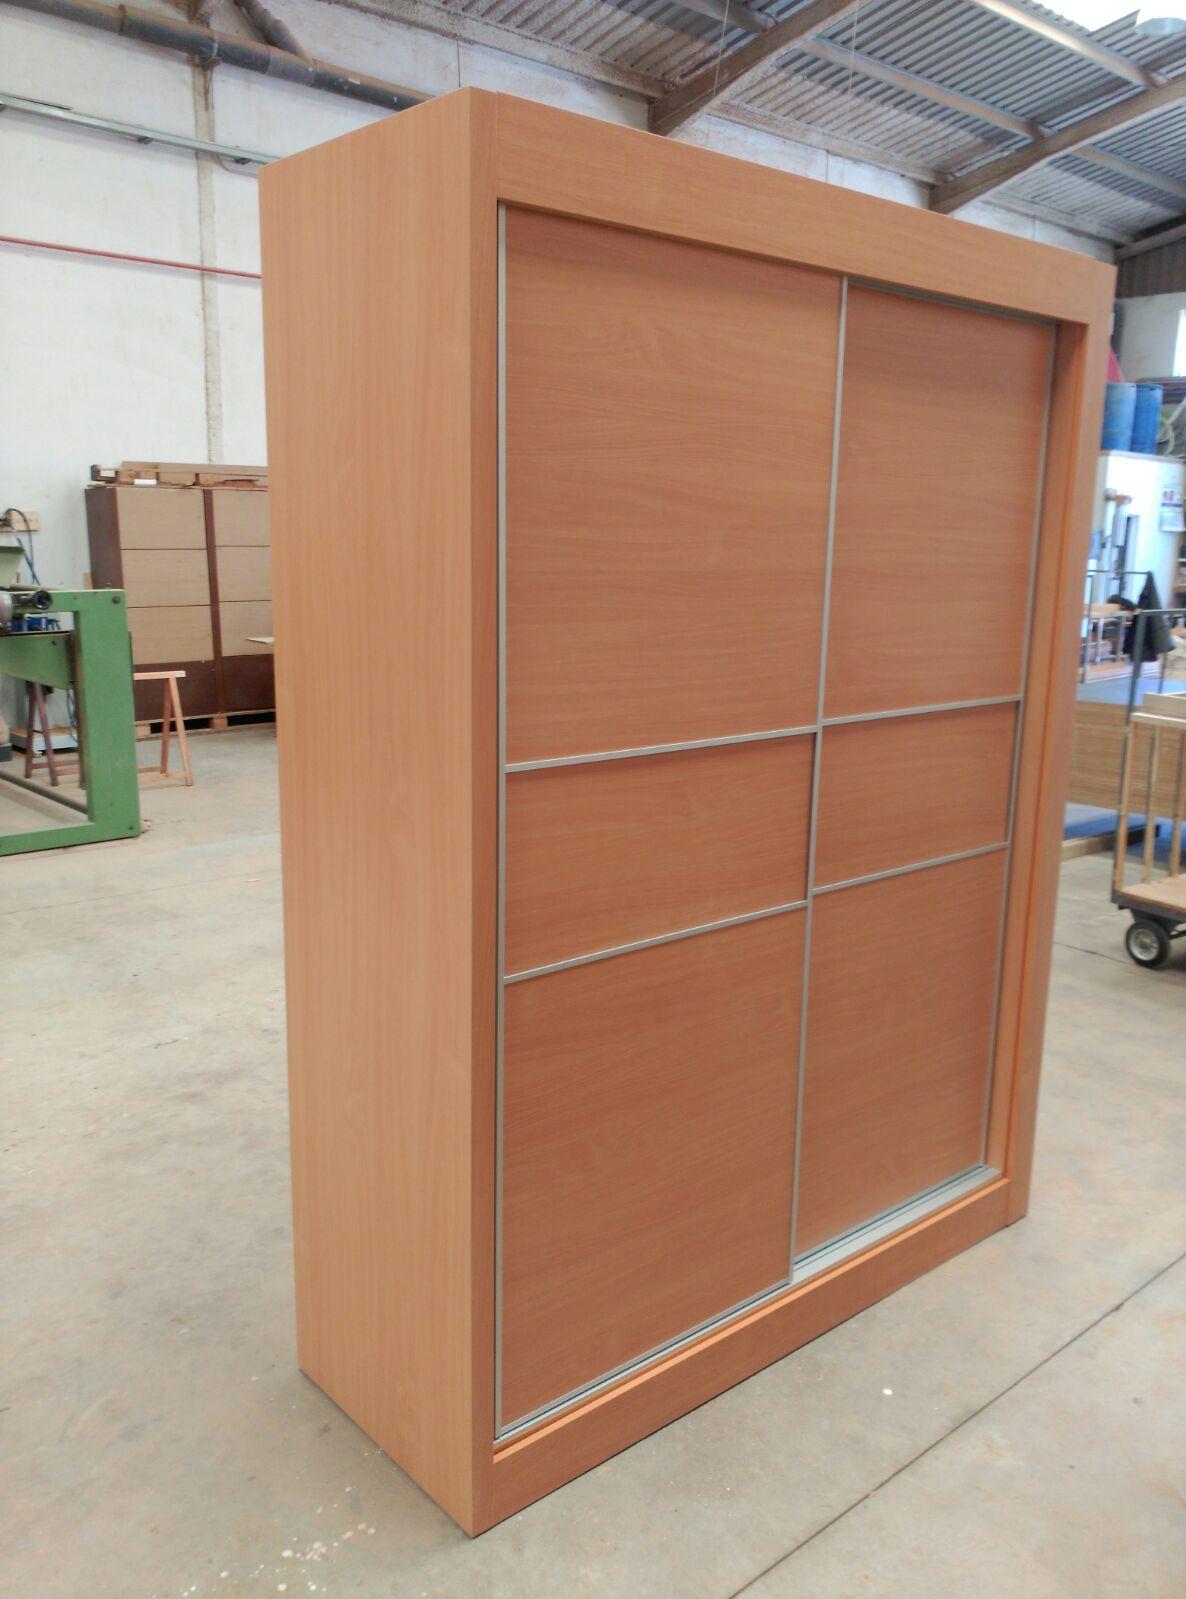 fabrica-empresas-fabricacion-armarios-a-medida-en-alicante-9